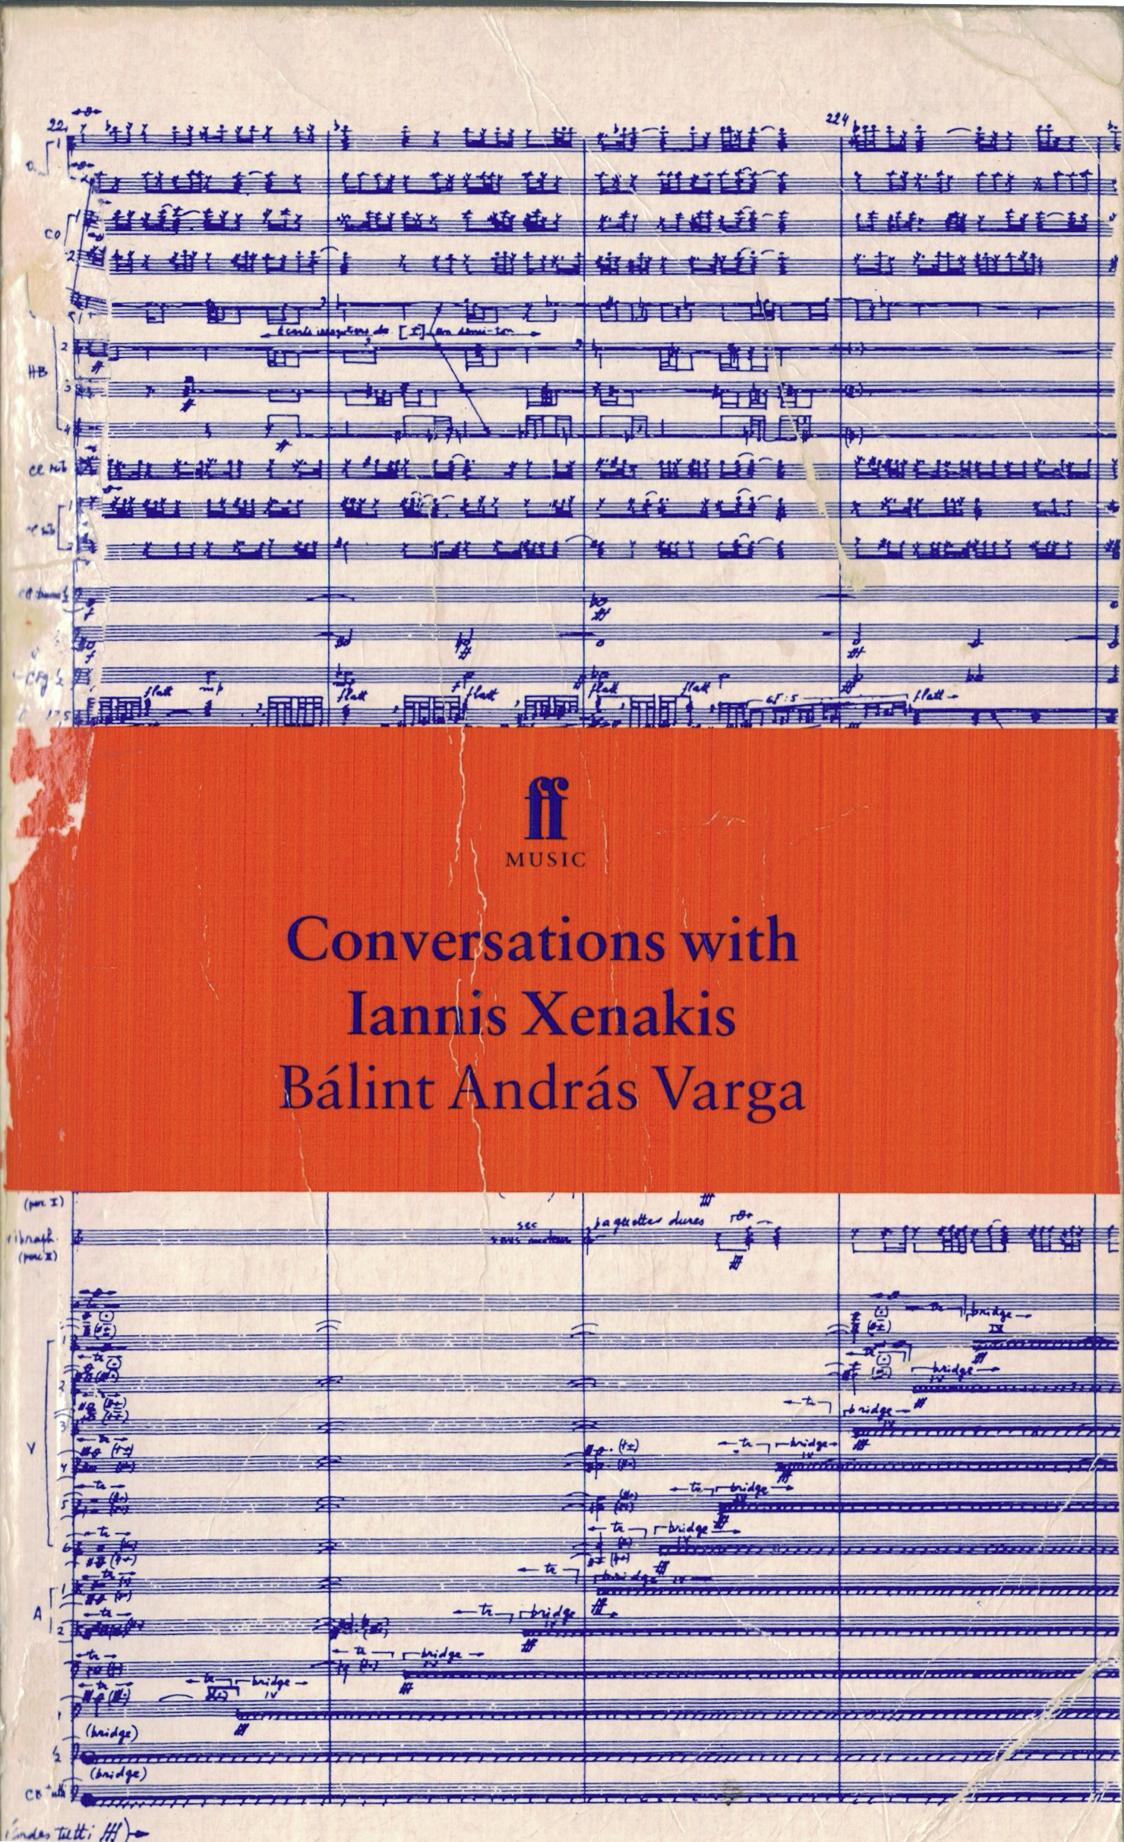 Conversations with Iannis Xenakis Balint Andras Varga